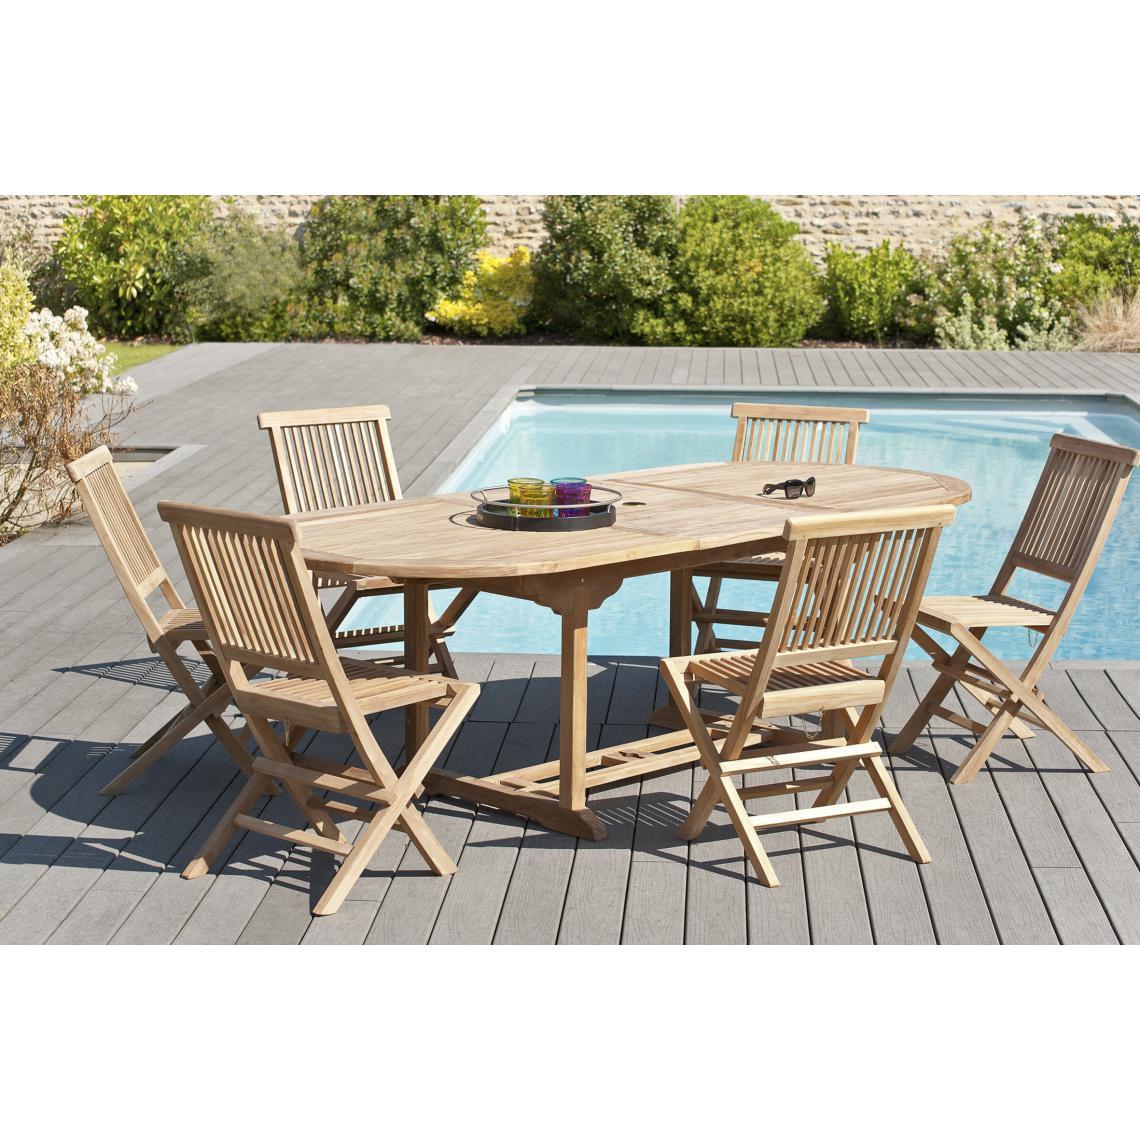 salon de jardin en bois teck 8 10 pers ensemble de jardin 1 table ovale extensible 180 240 100 cm et 6 chaises